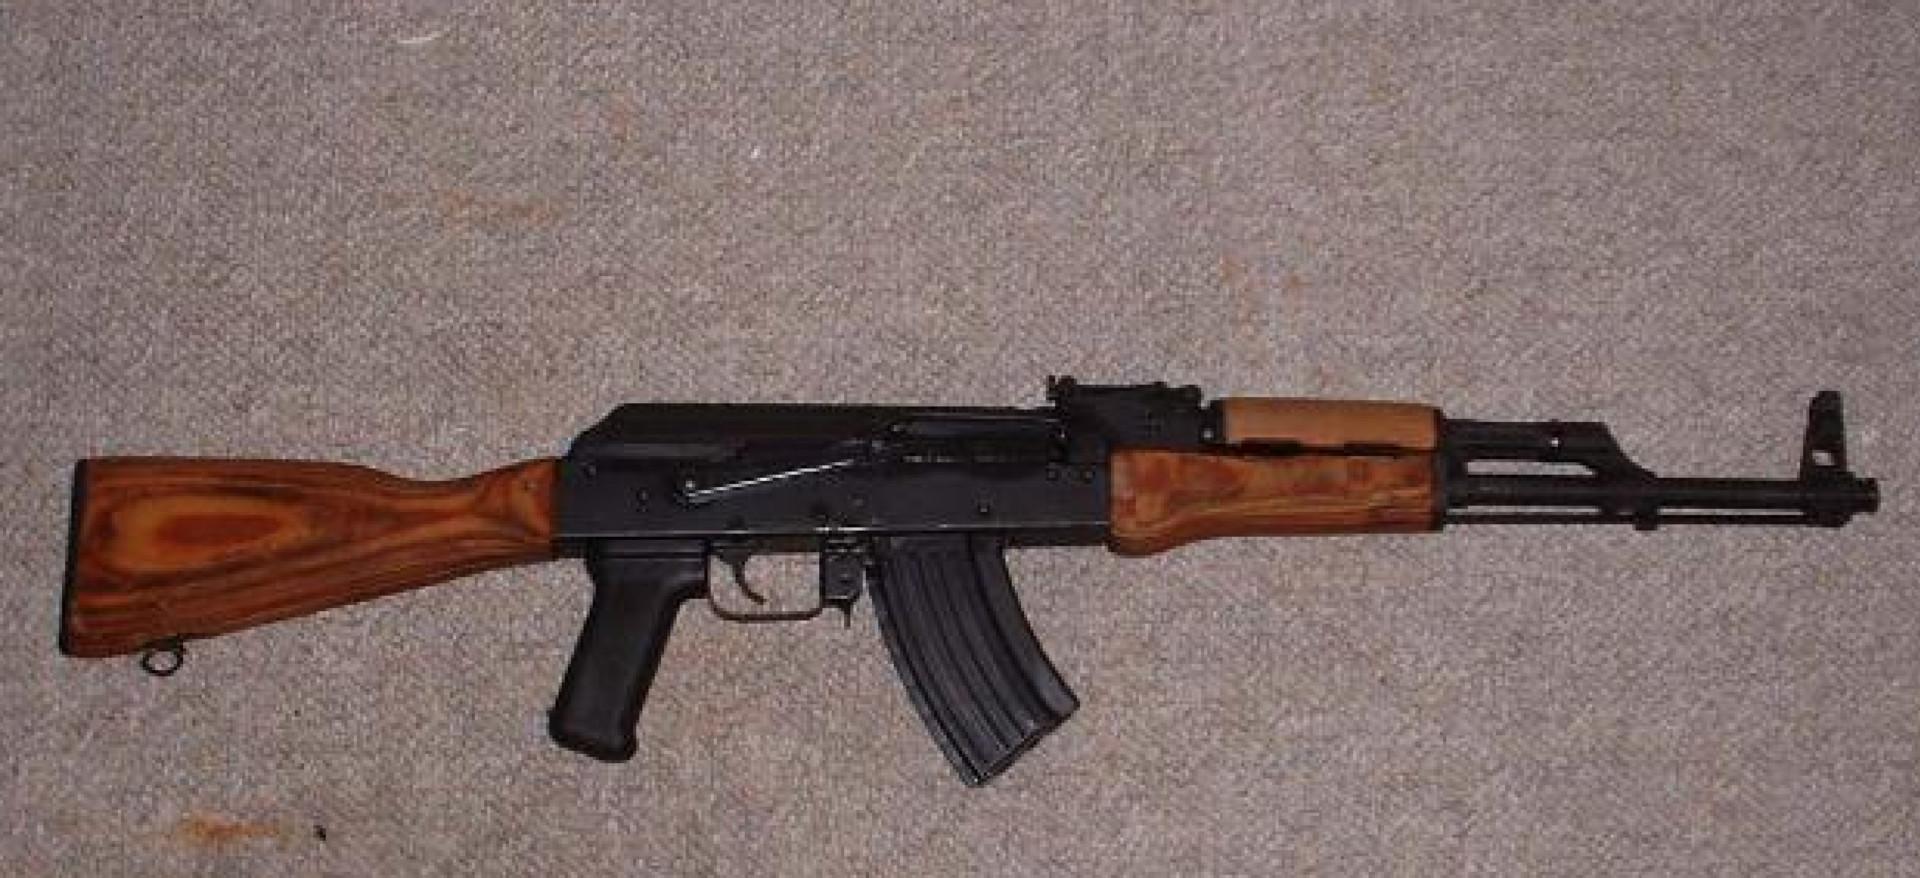 ArtStation - AK-47, Hyren Fabregas